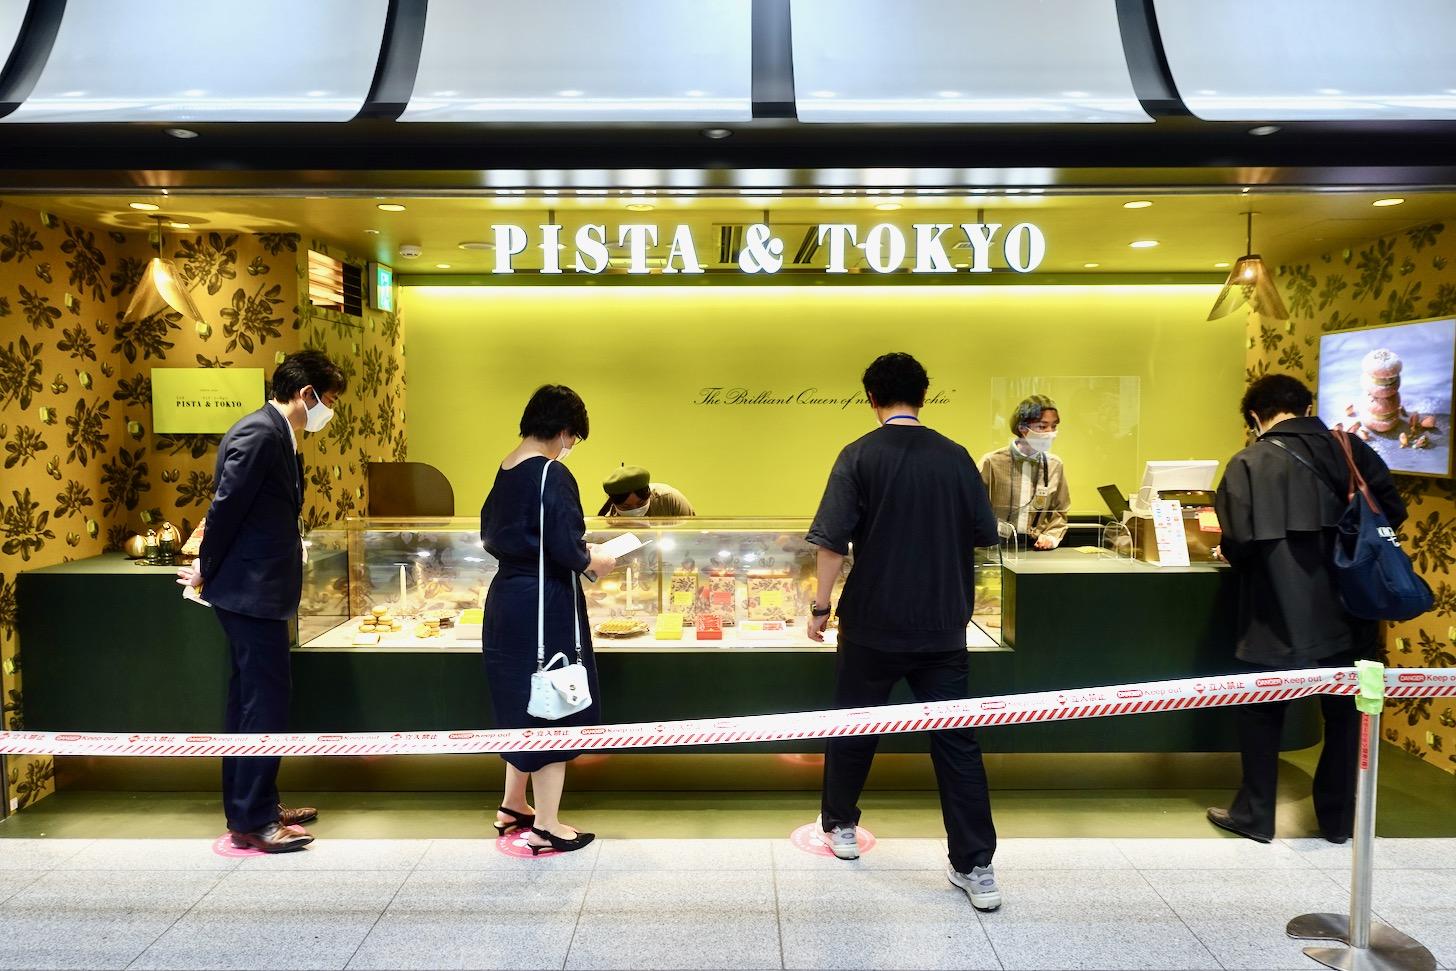 PISTA & TOKYO(ピスタアンドトーキョー)